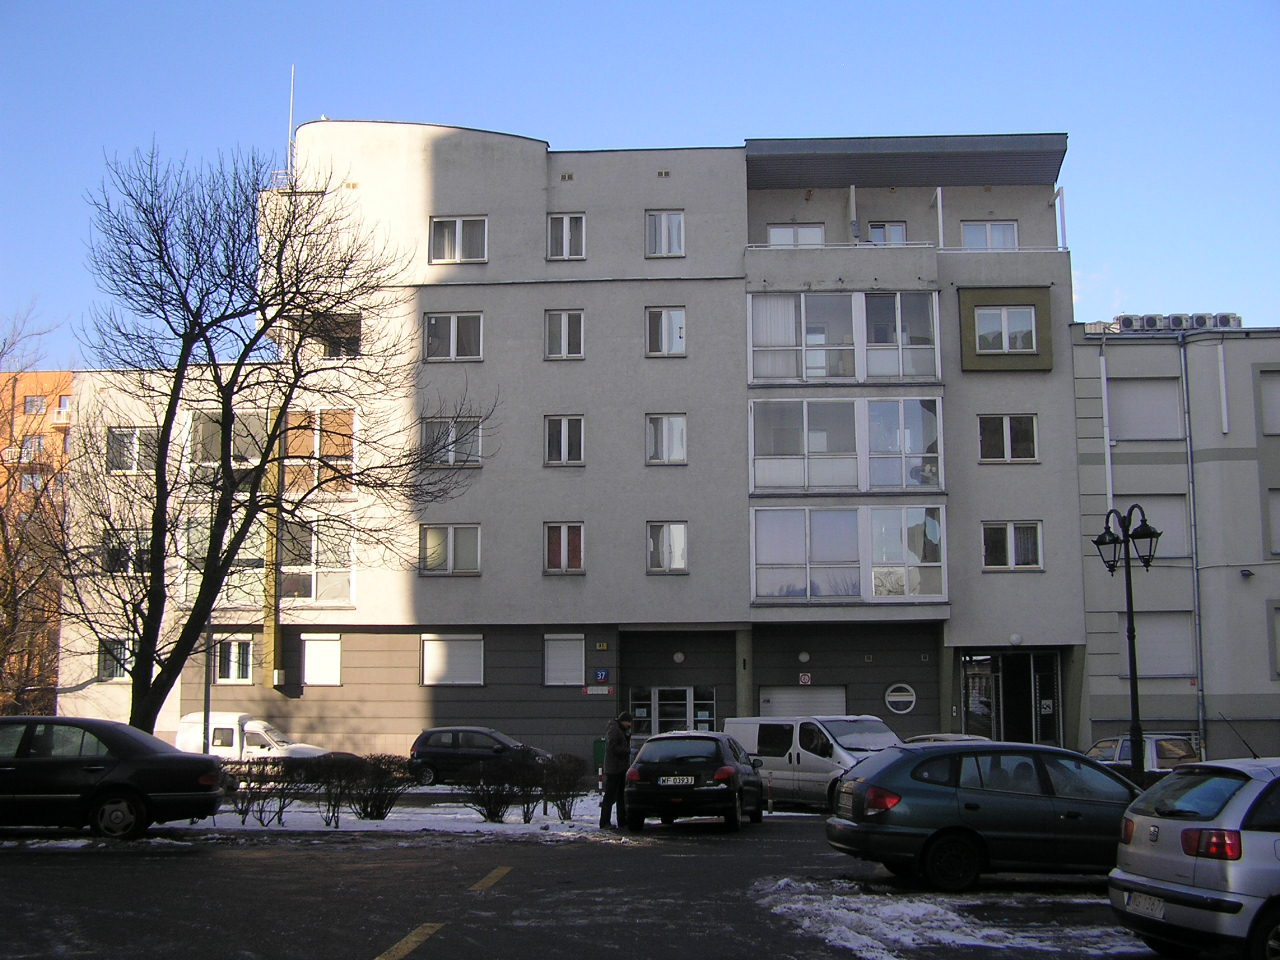 Budynek przy ulicu Krypskiej 37